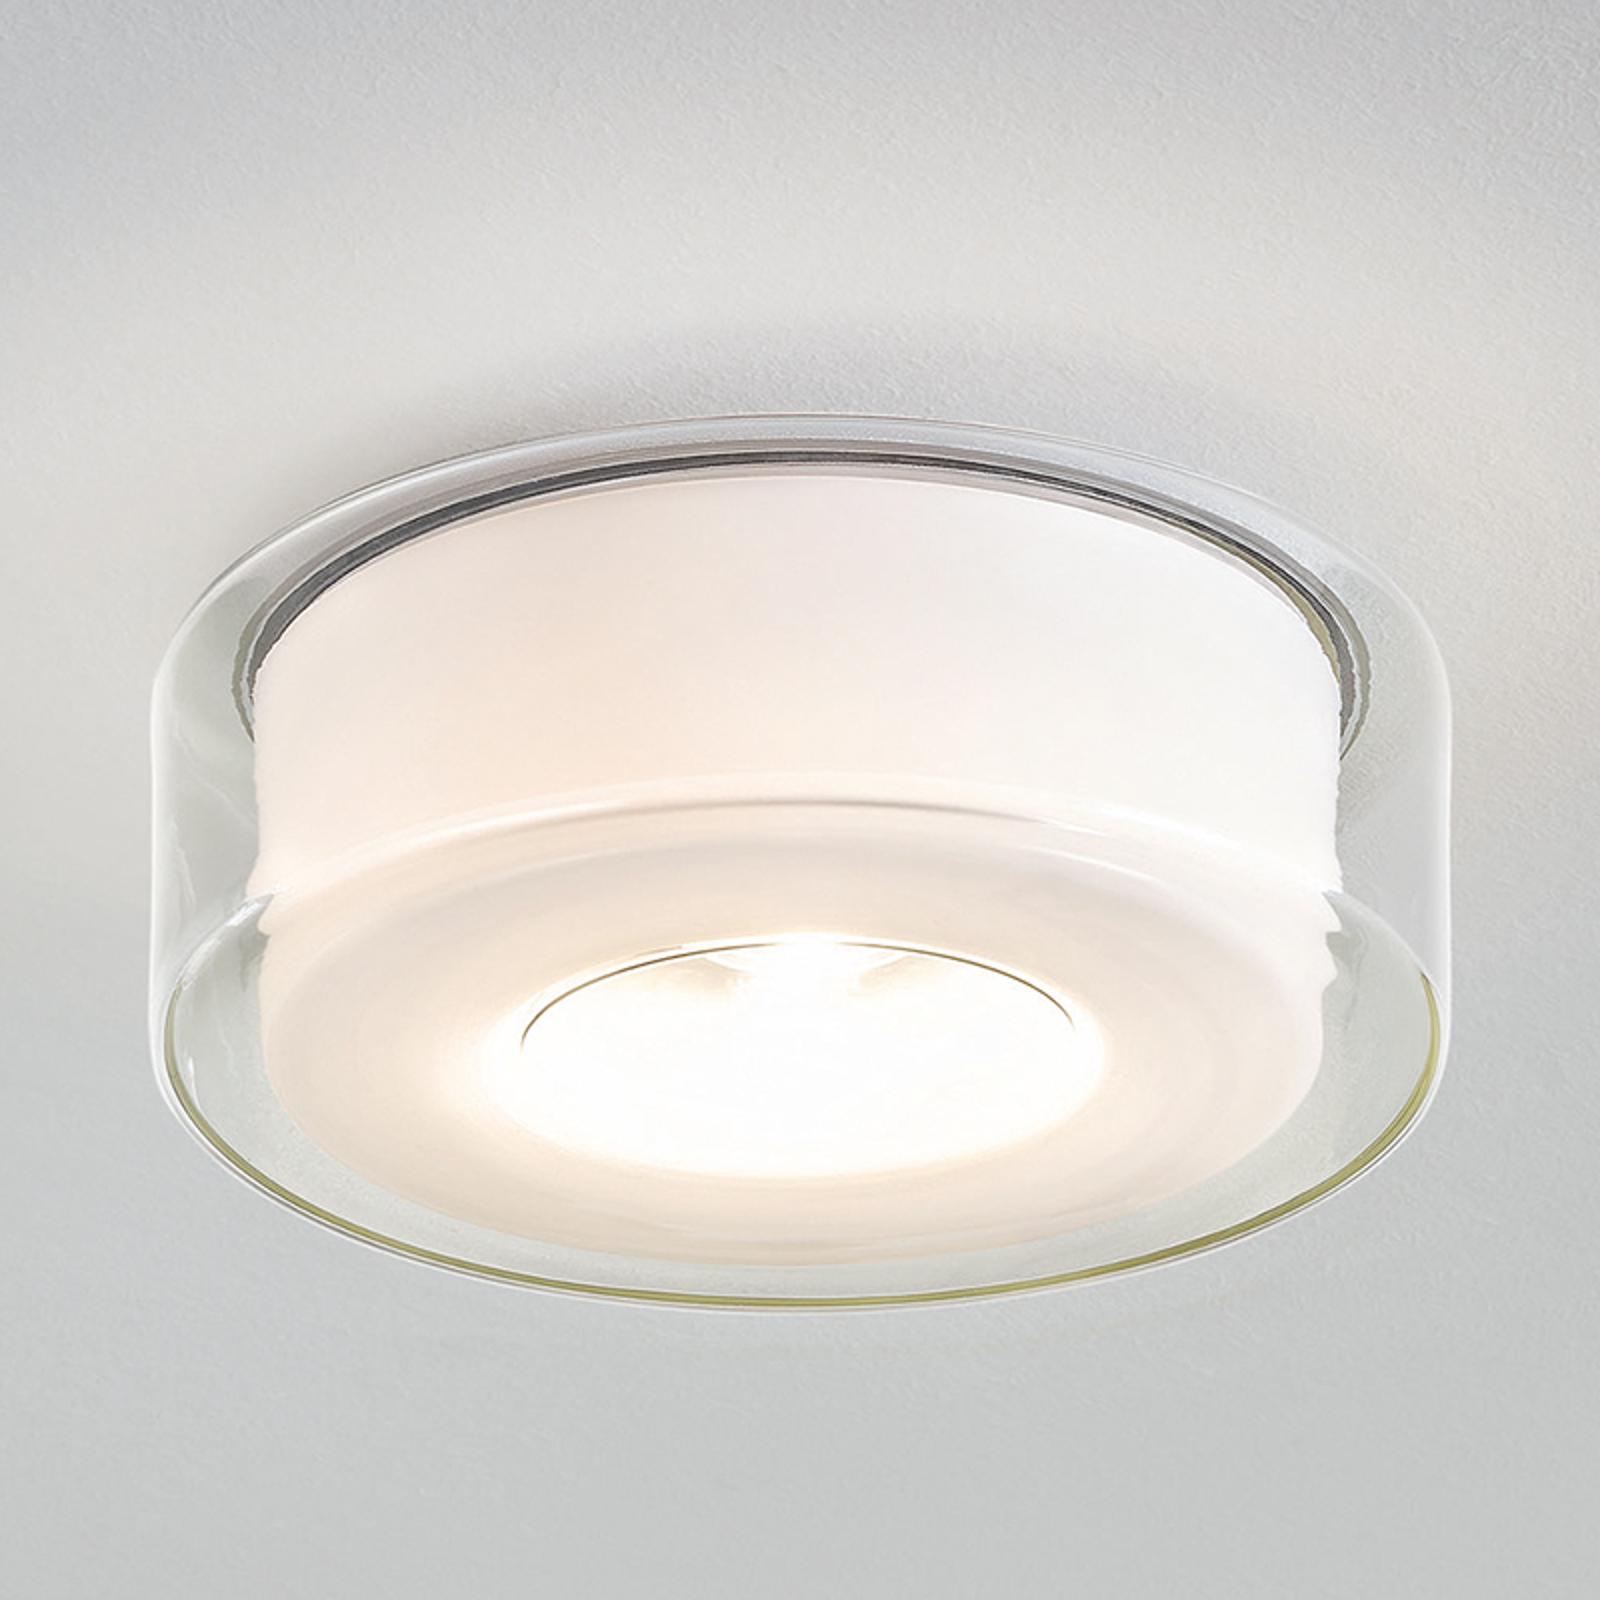 serien.lighting Curling M Decke klar/opal 2.700K